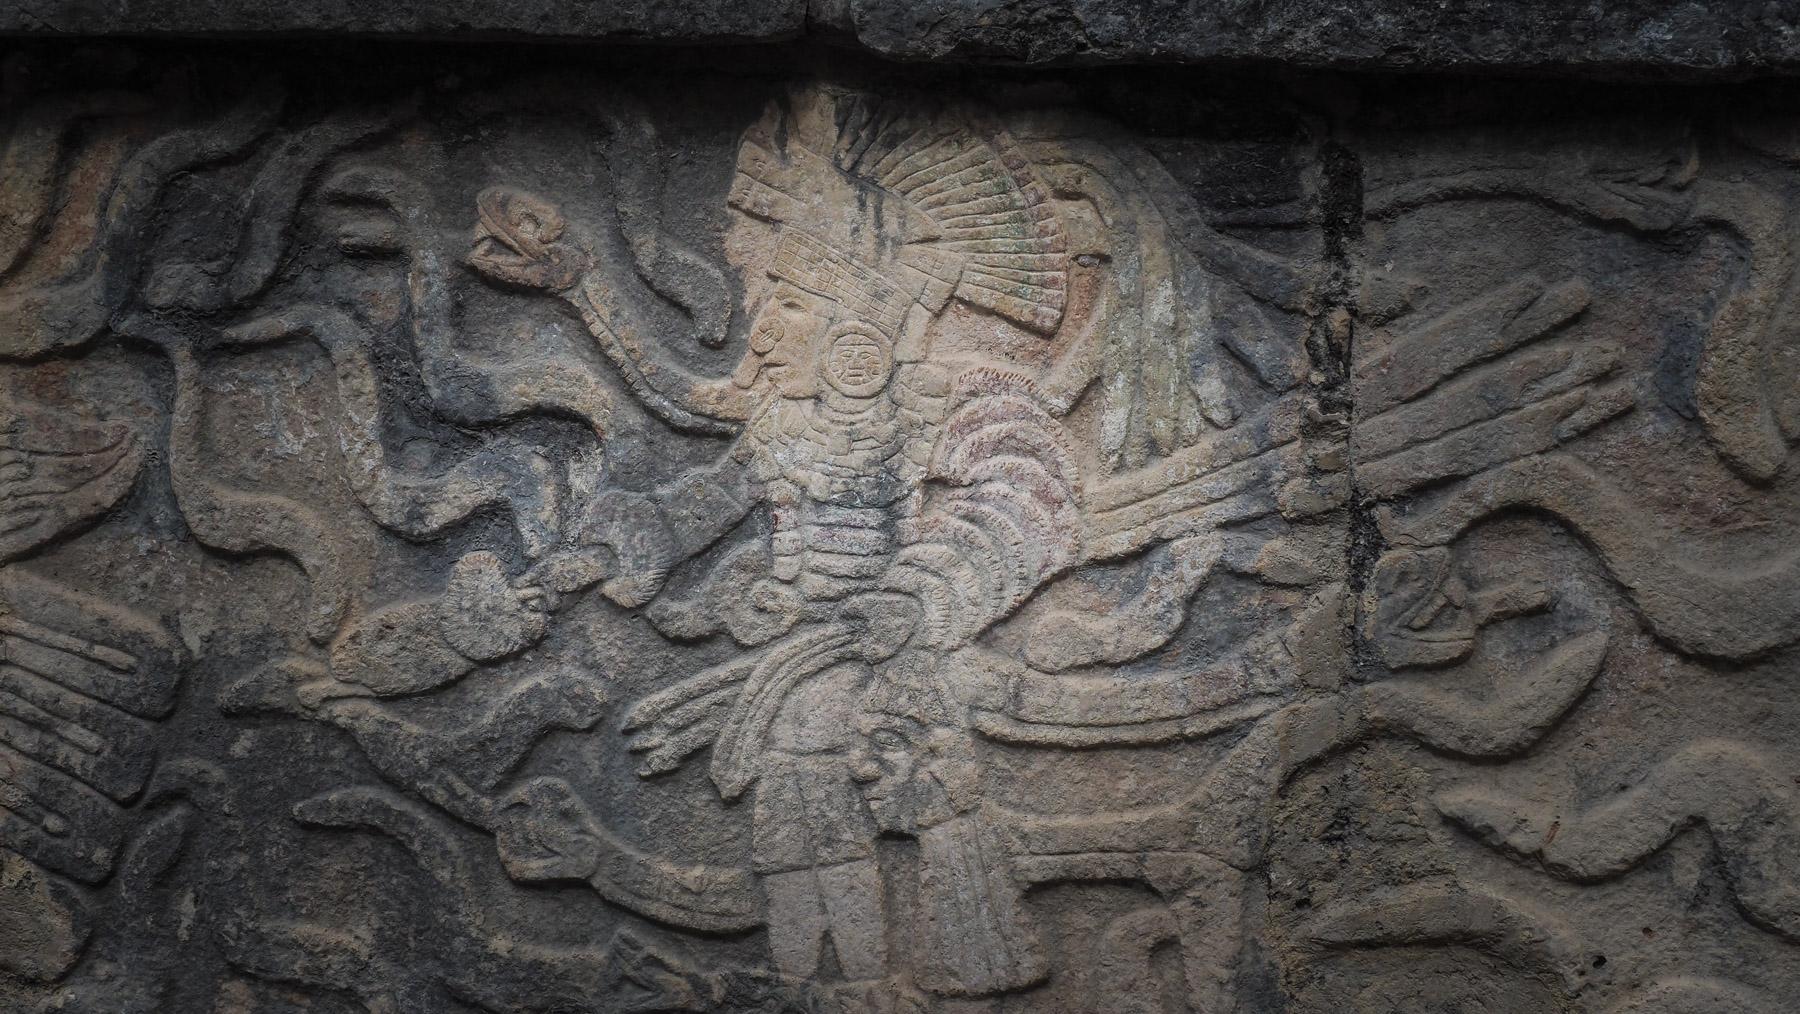 Einer der Götter/Herrscher in Chichen Itza